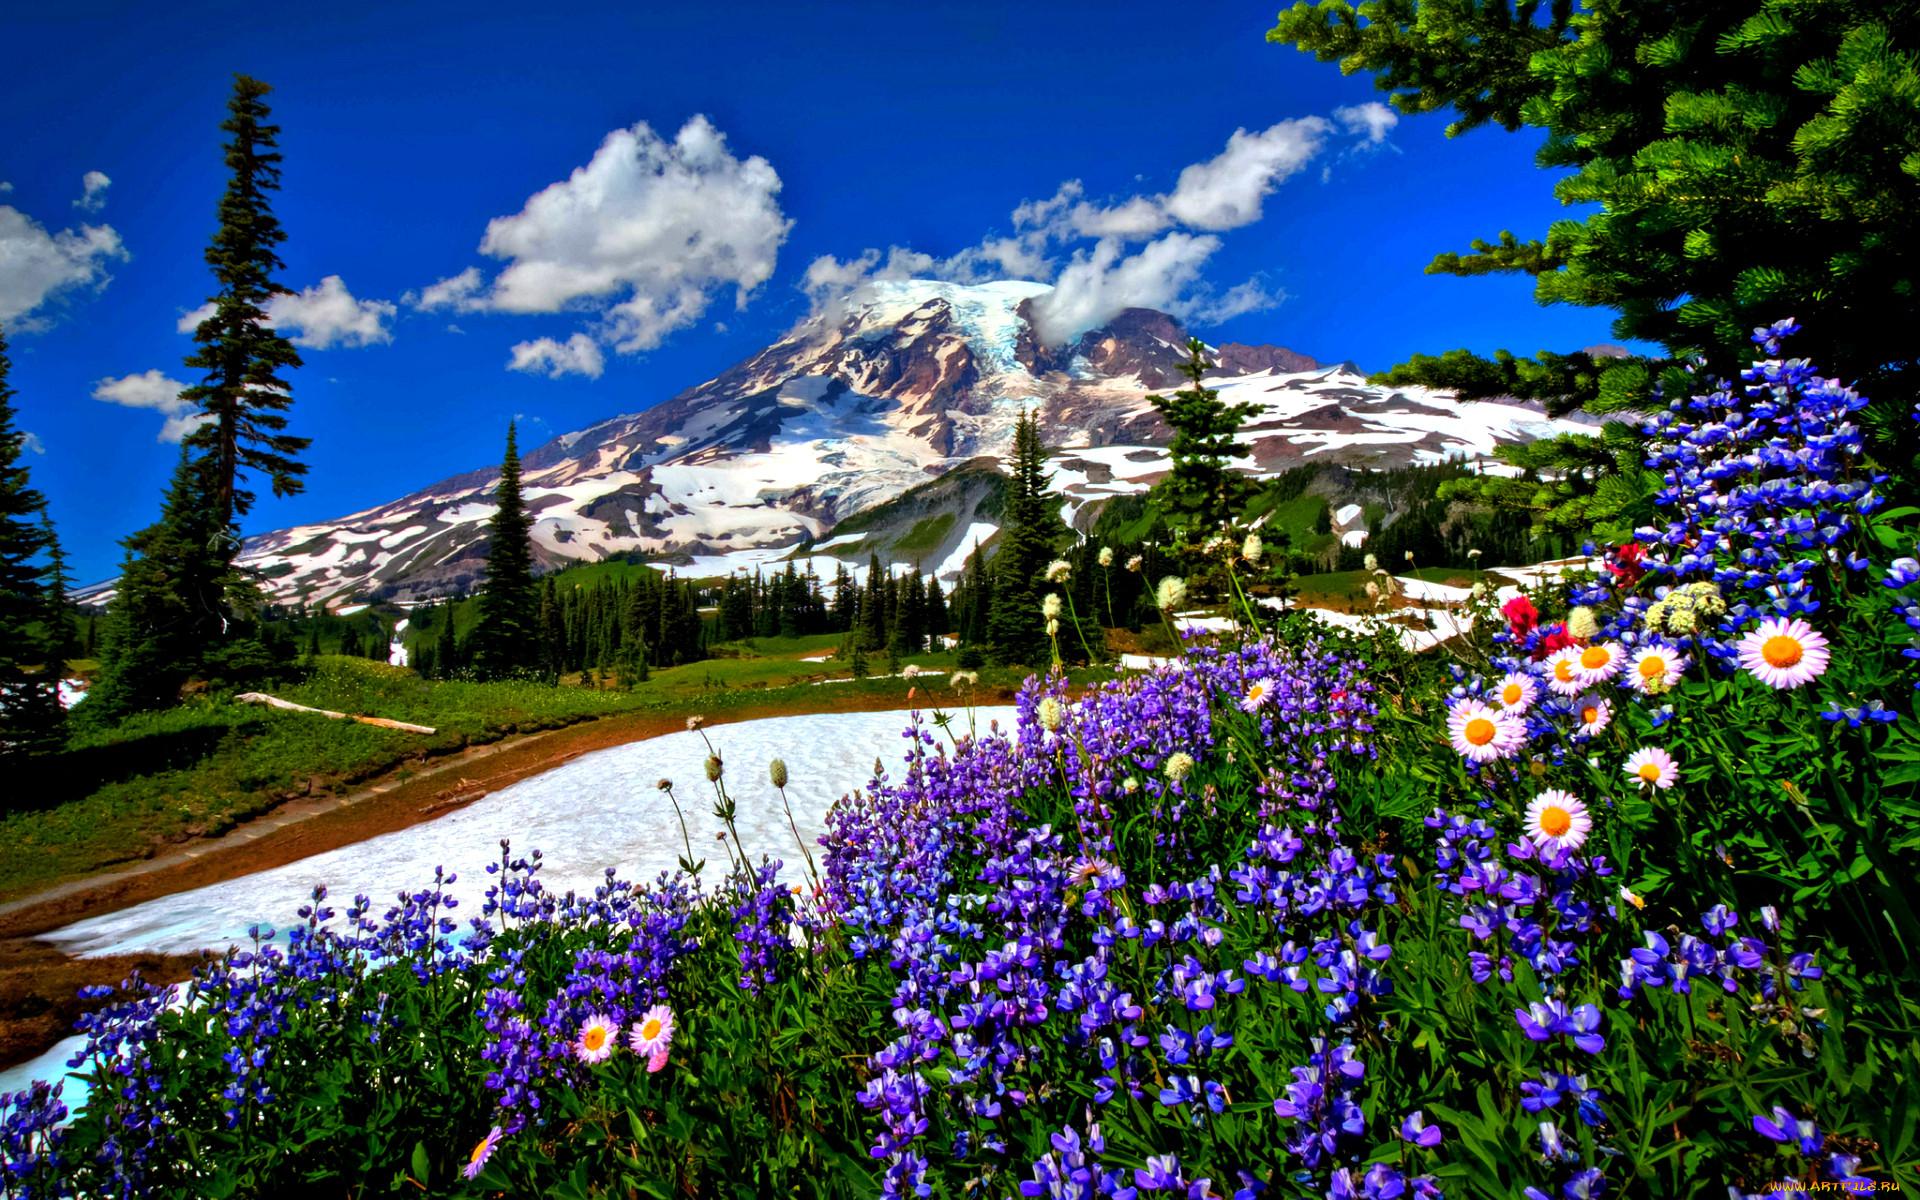 своему фото весенних горных пейзажей удобные садовые беседки